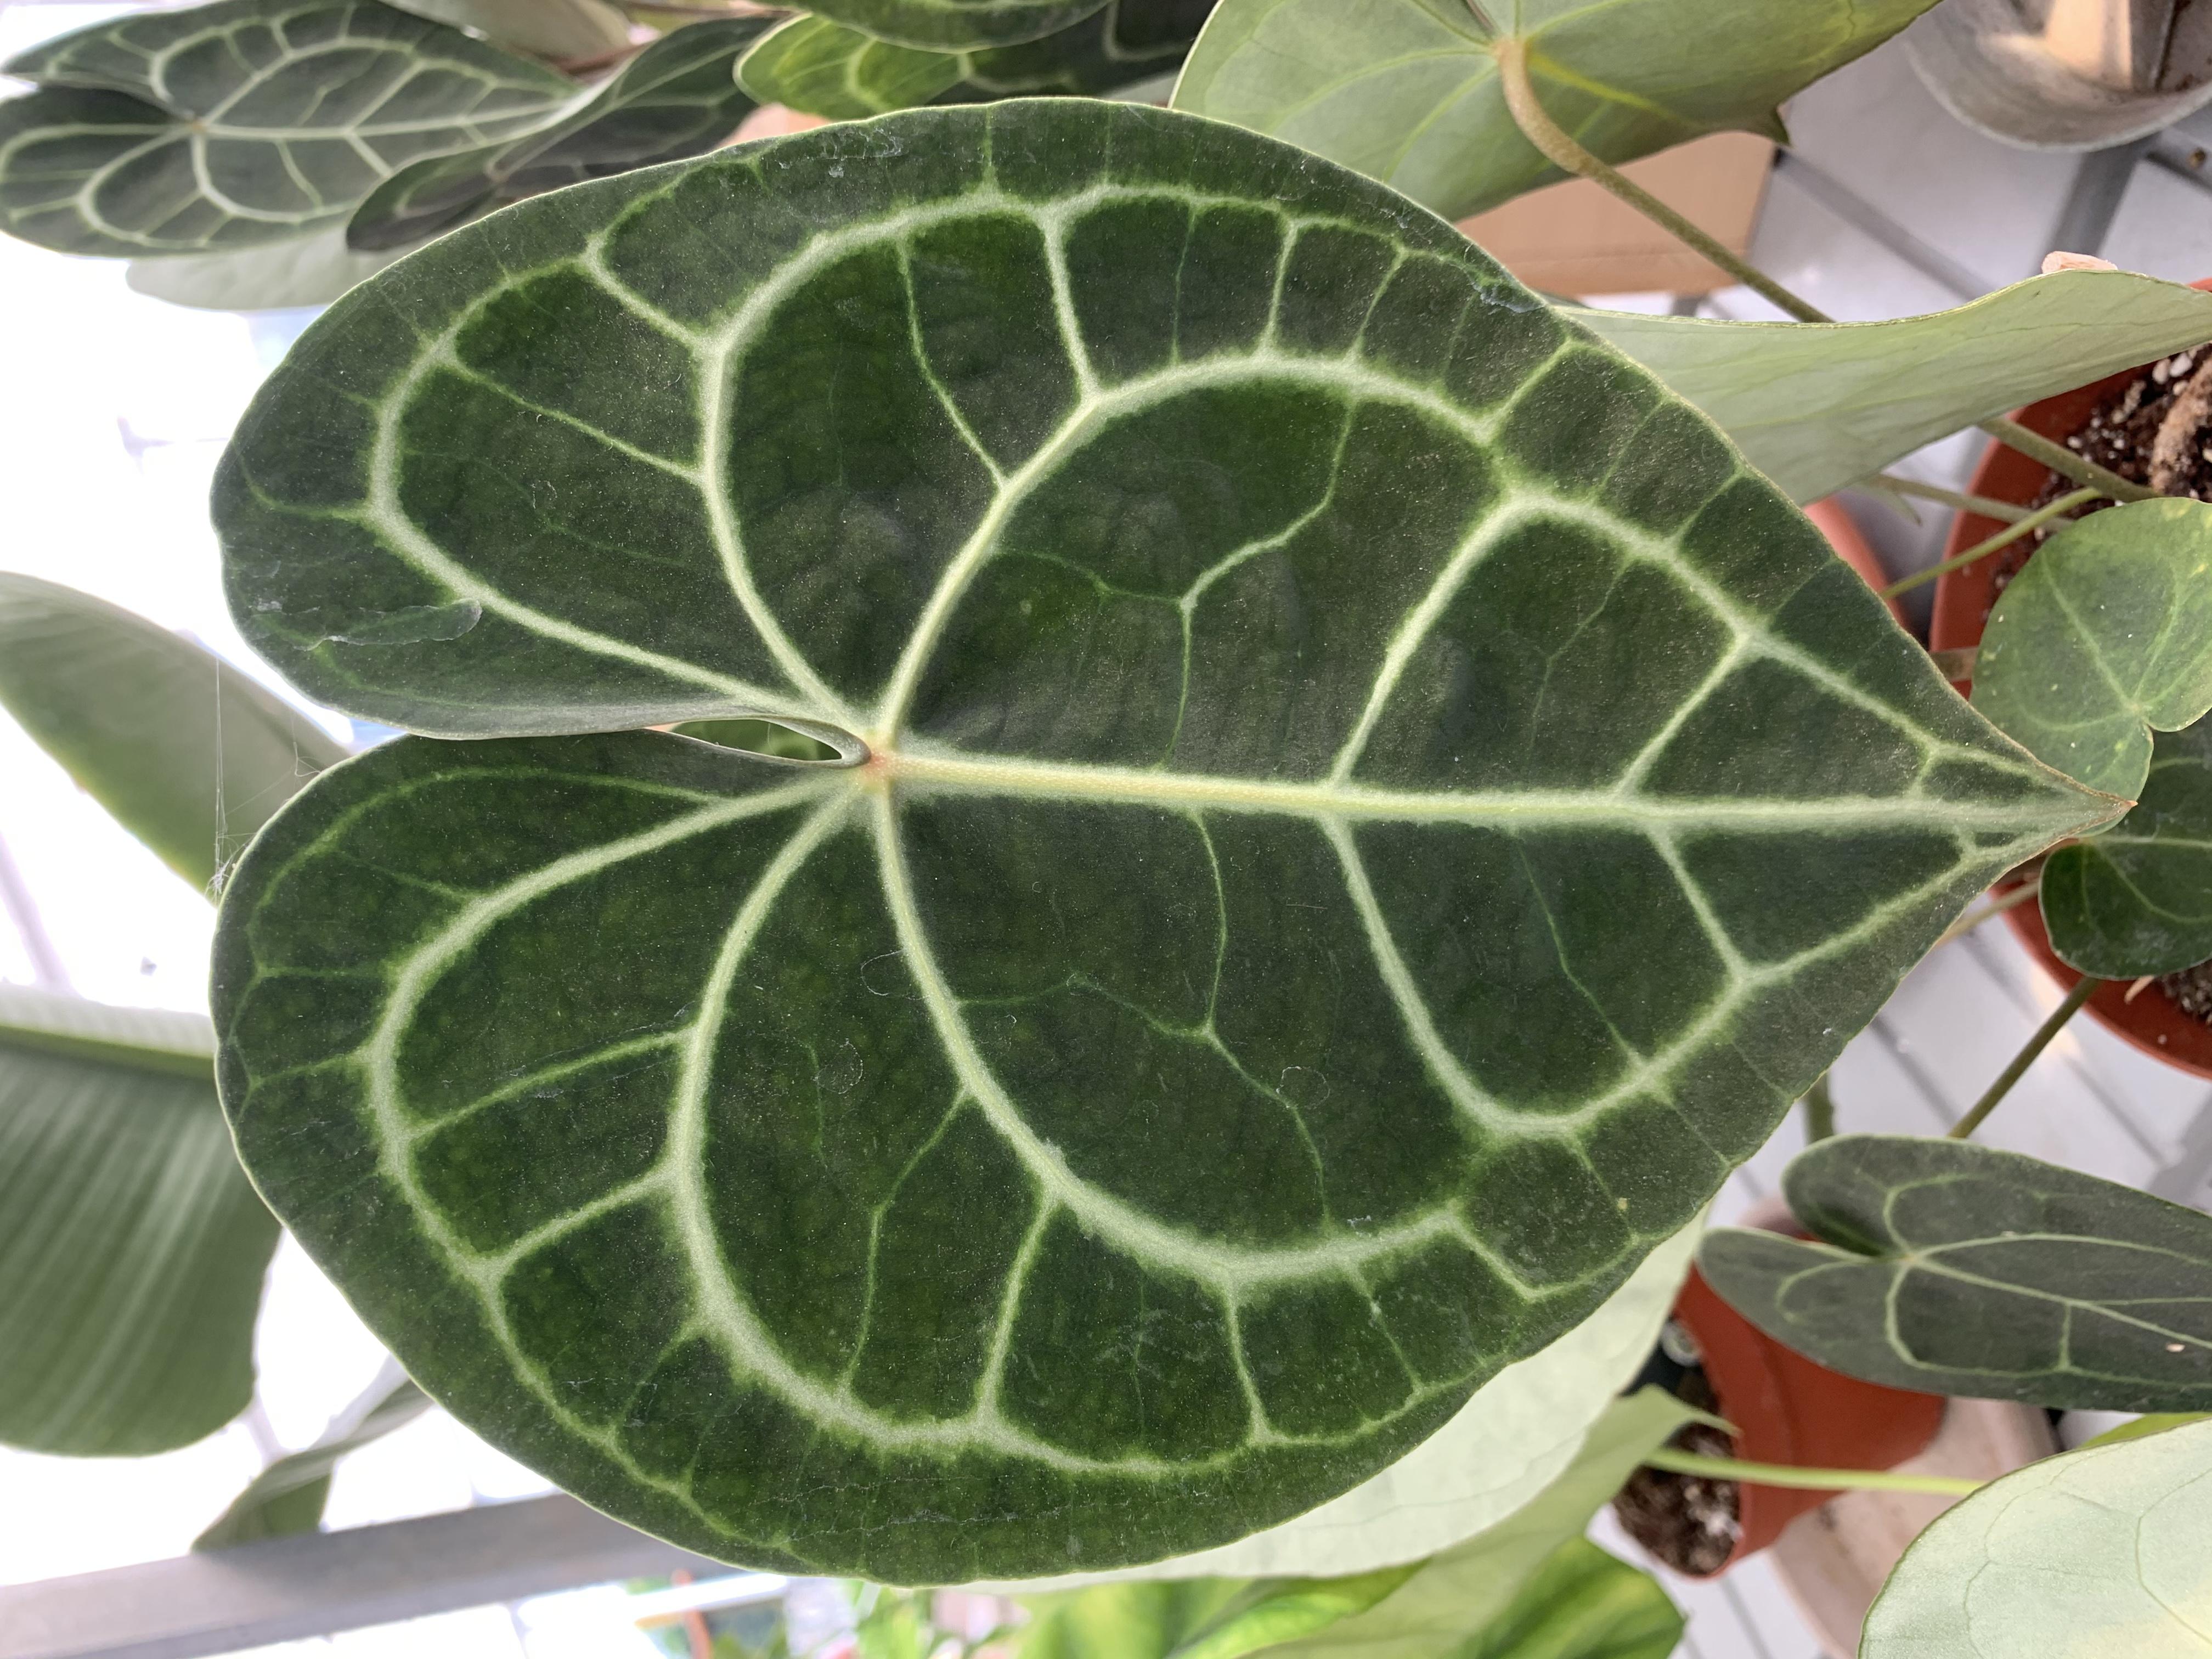 L'Anthurium Clarinervium, della famiglia delle Araceae, è una pianta d'appartamento con foglie fuori dal comune: grandi, verde scuro, cuoriformi, profondamente lobate e con delle venature bianche che contrastano nettamente con la lamina.